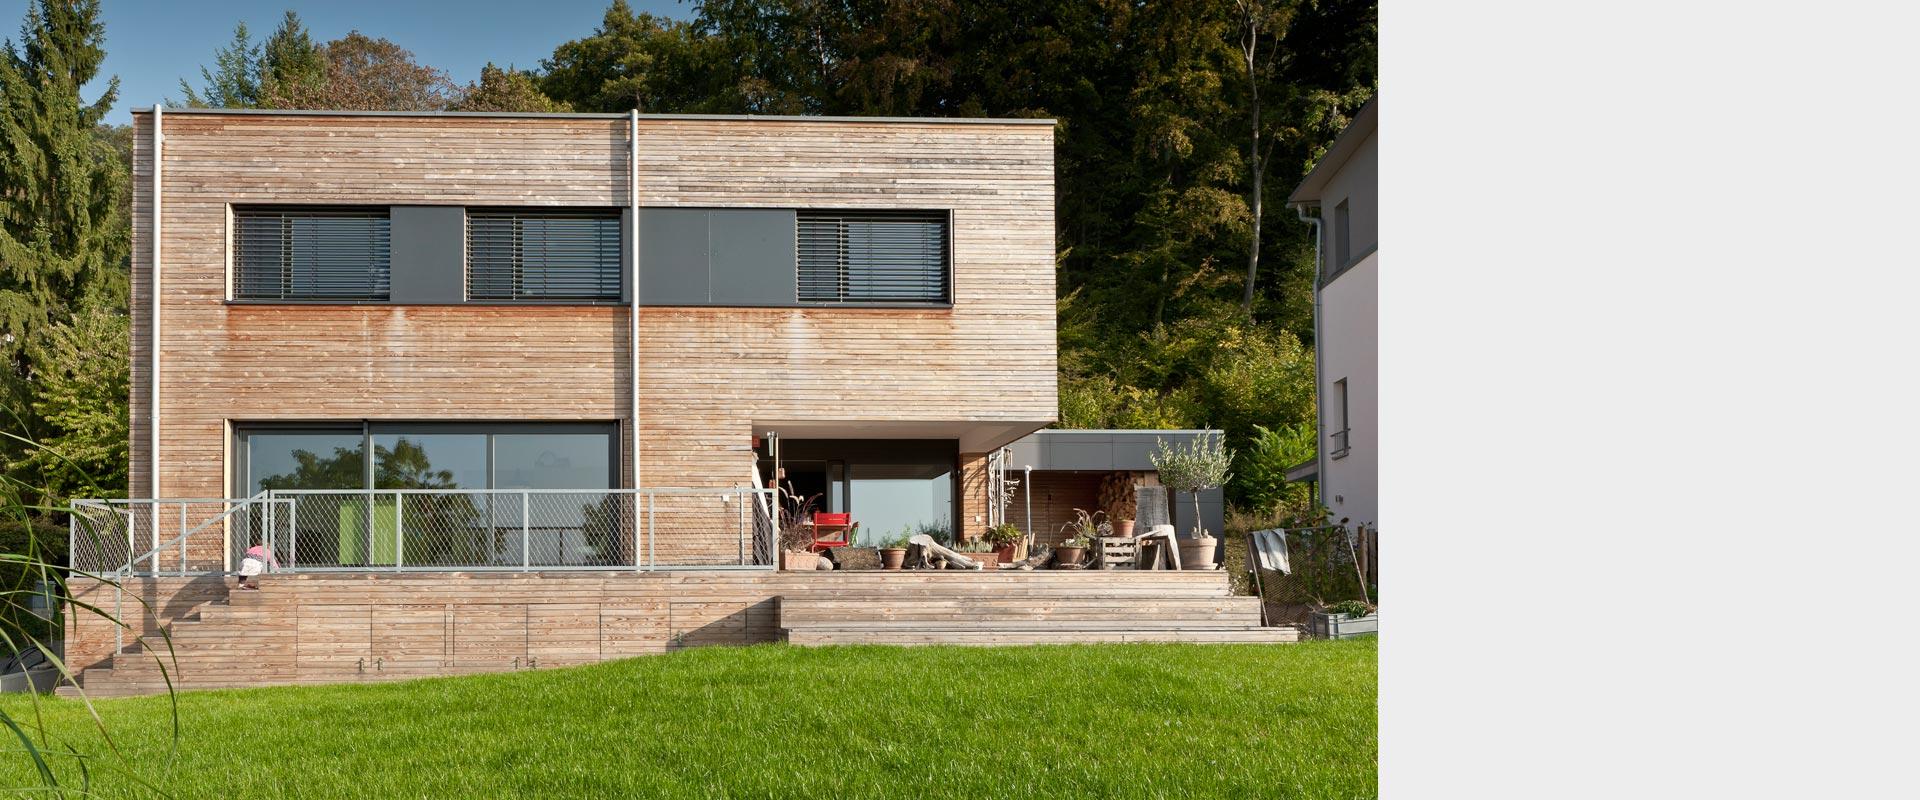 architekturbuero_henning_musahl_waldshut_wohnhaus_s_02